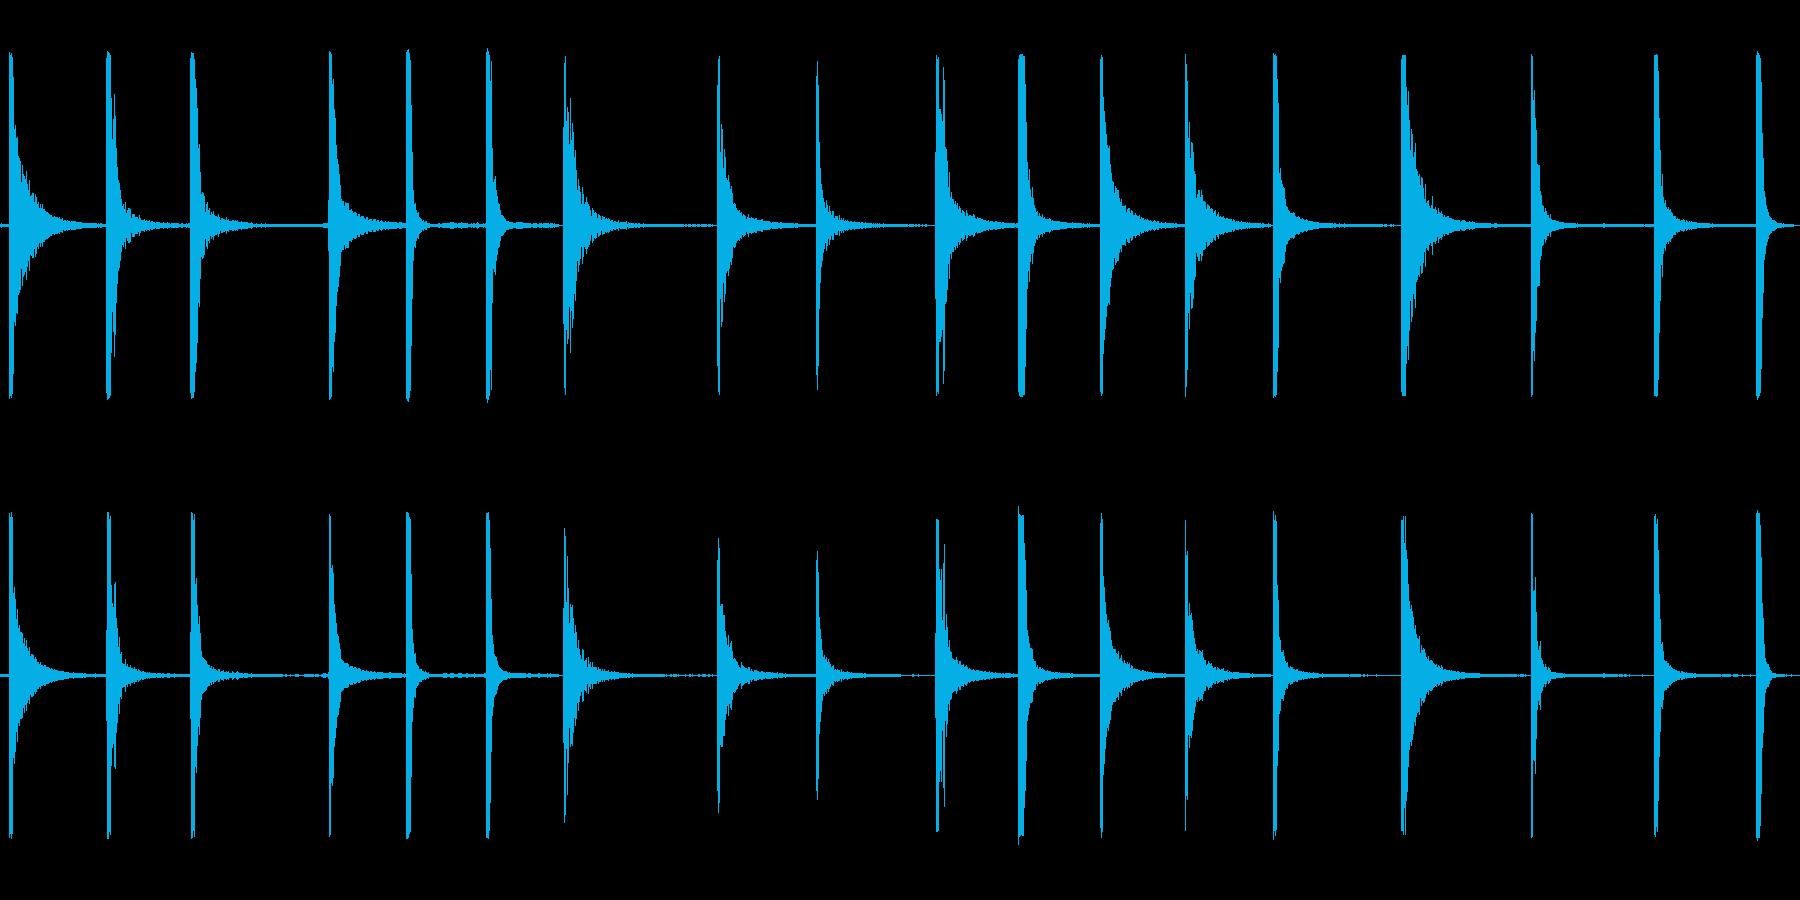 ドラムヒットの再生済みの波形